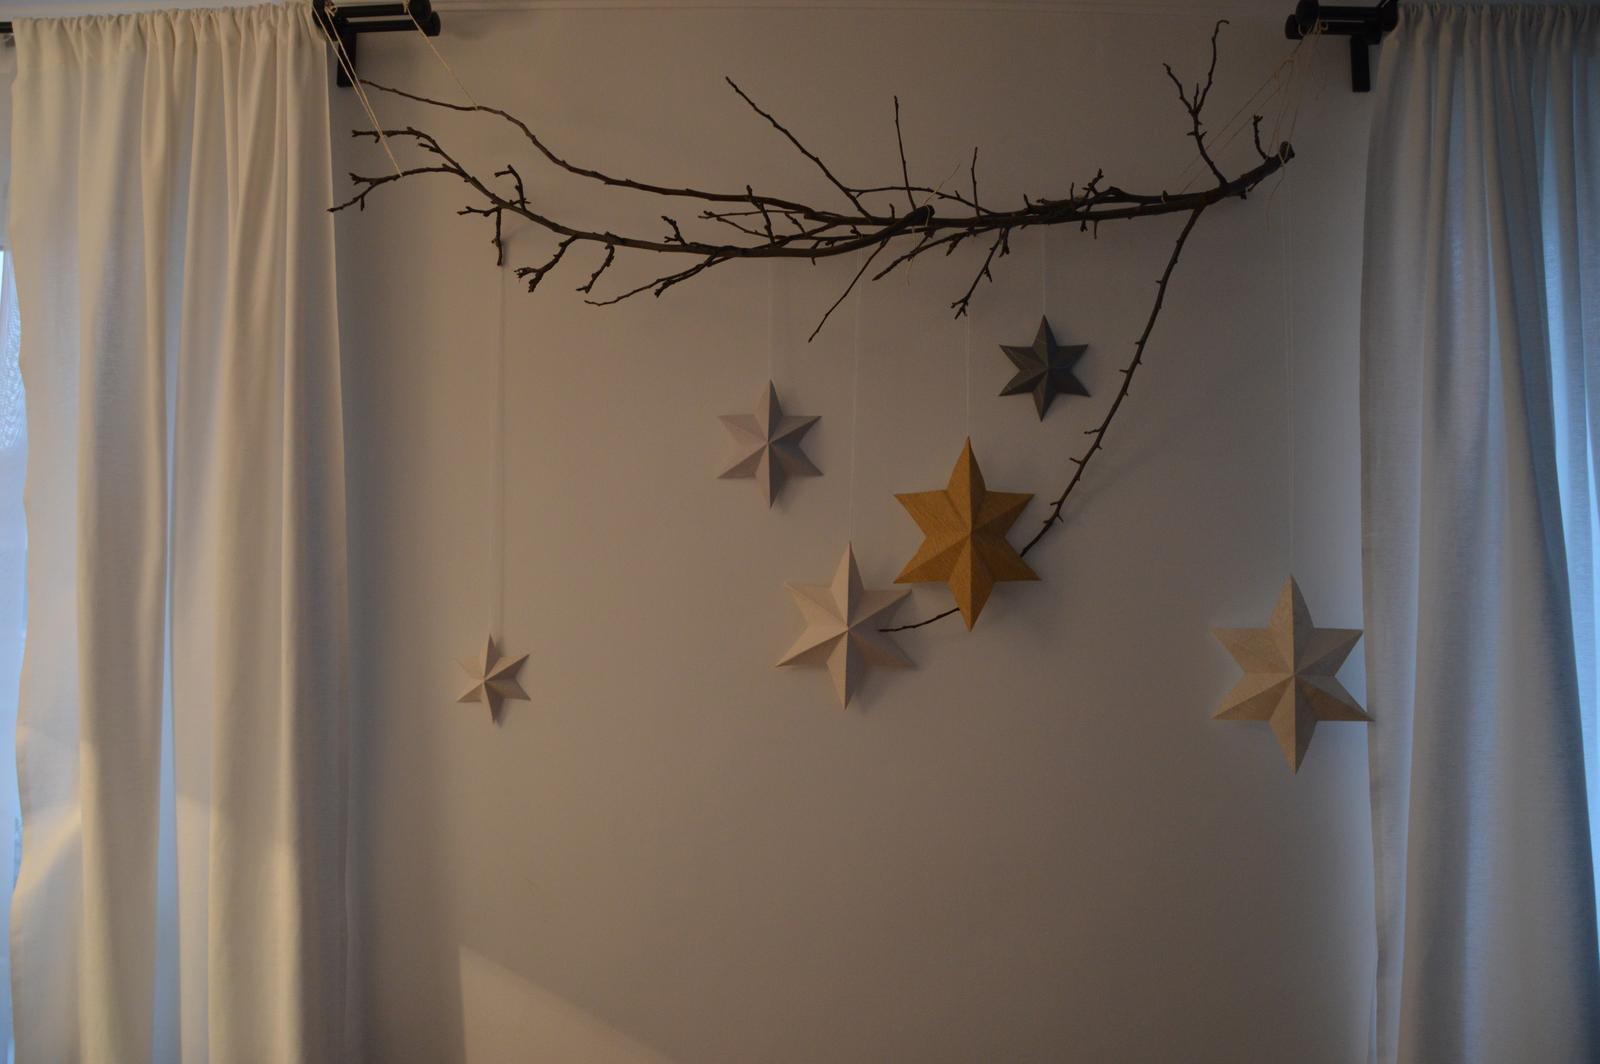 ★☆★Adventný a vianočný čas u nás ... ★☆★ 2015, 2016 - hvezdy na svojom mieste - vyzerá to nádherne, len som nasrata na to počasie nedajú sa krásne odfotiť